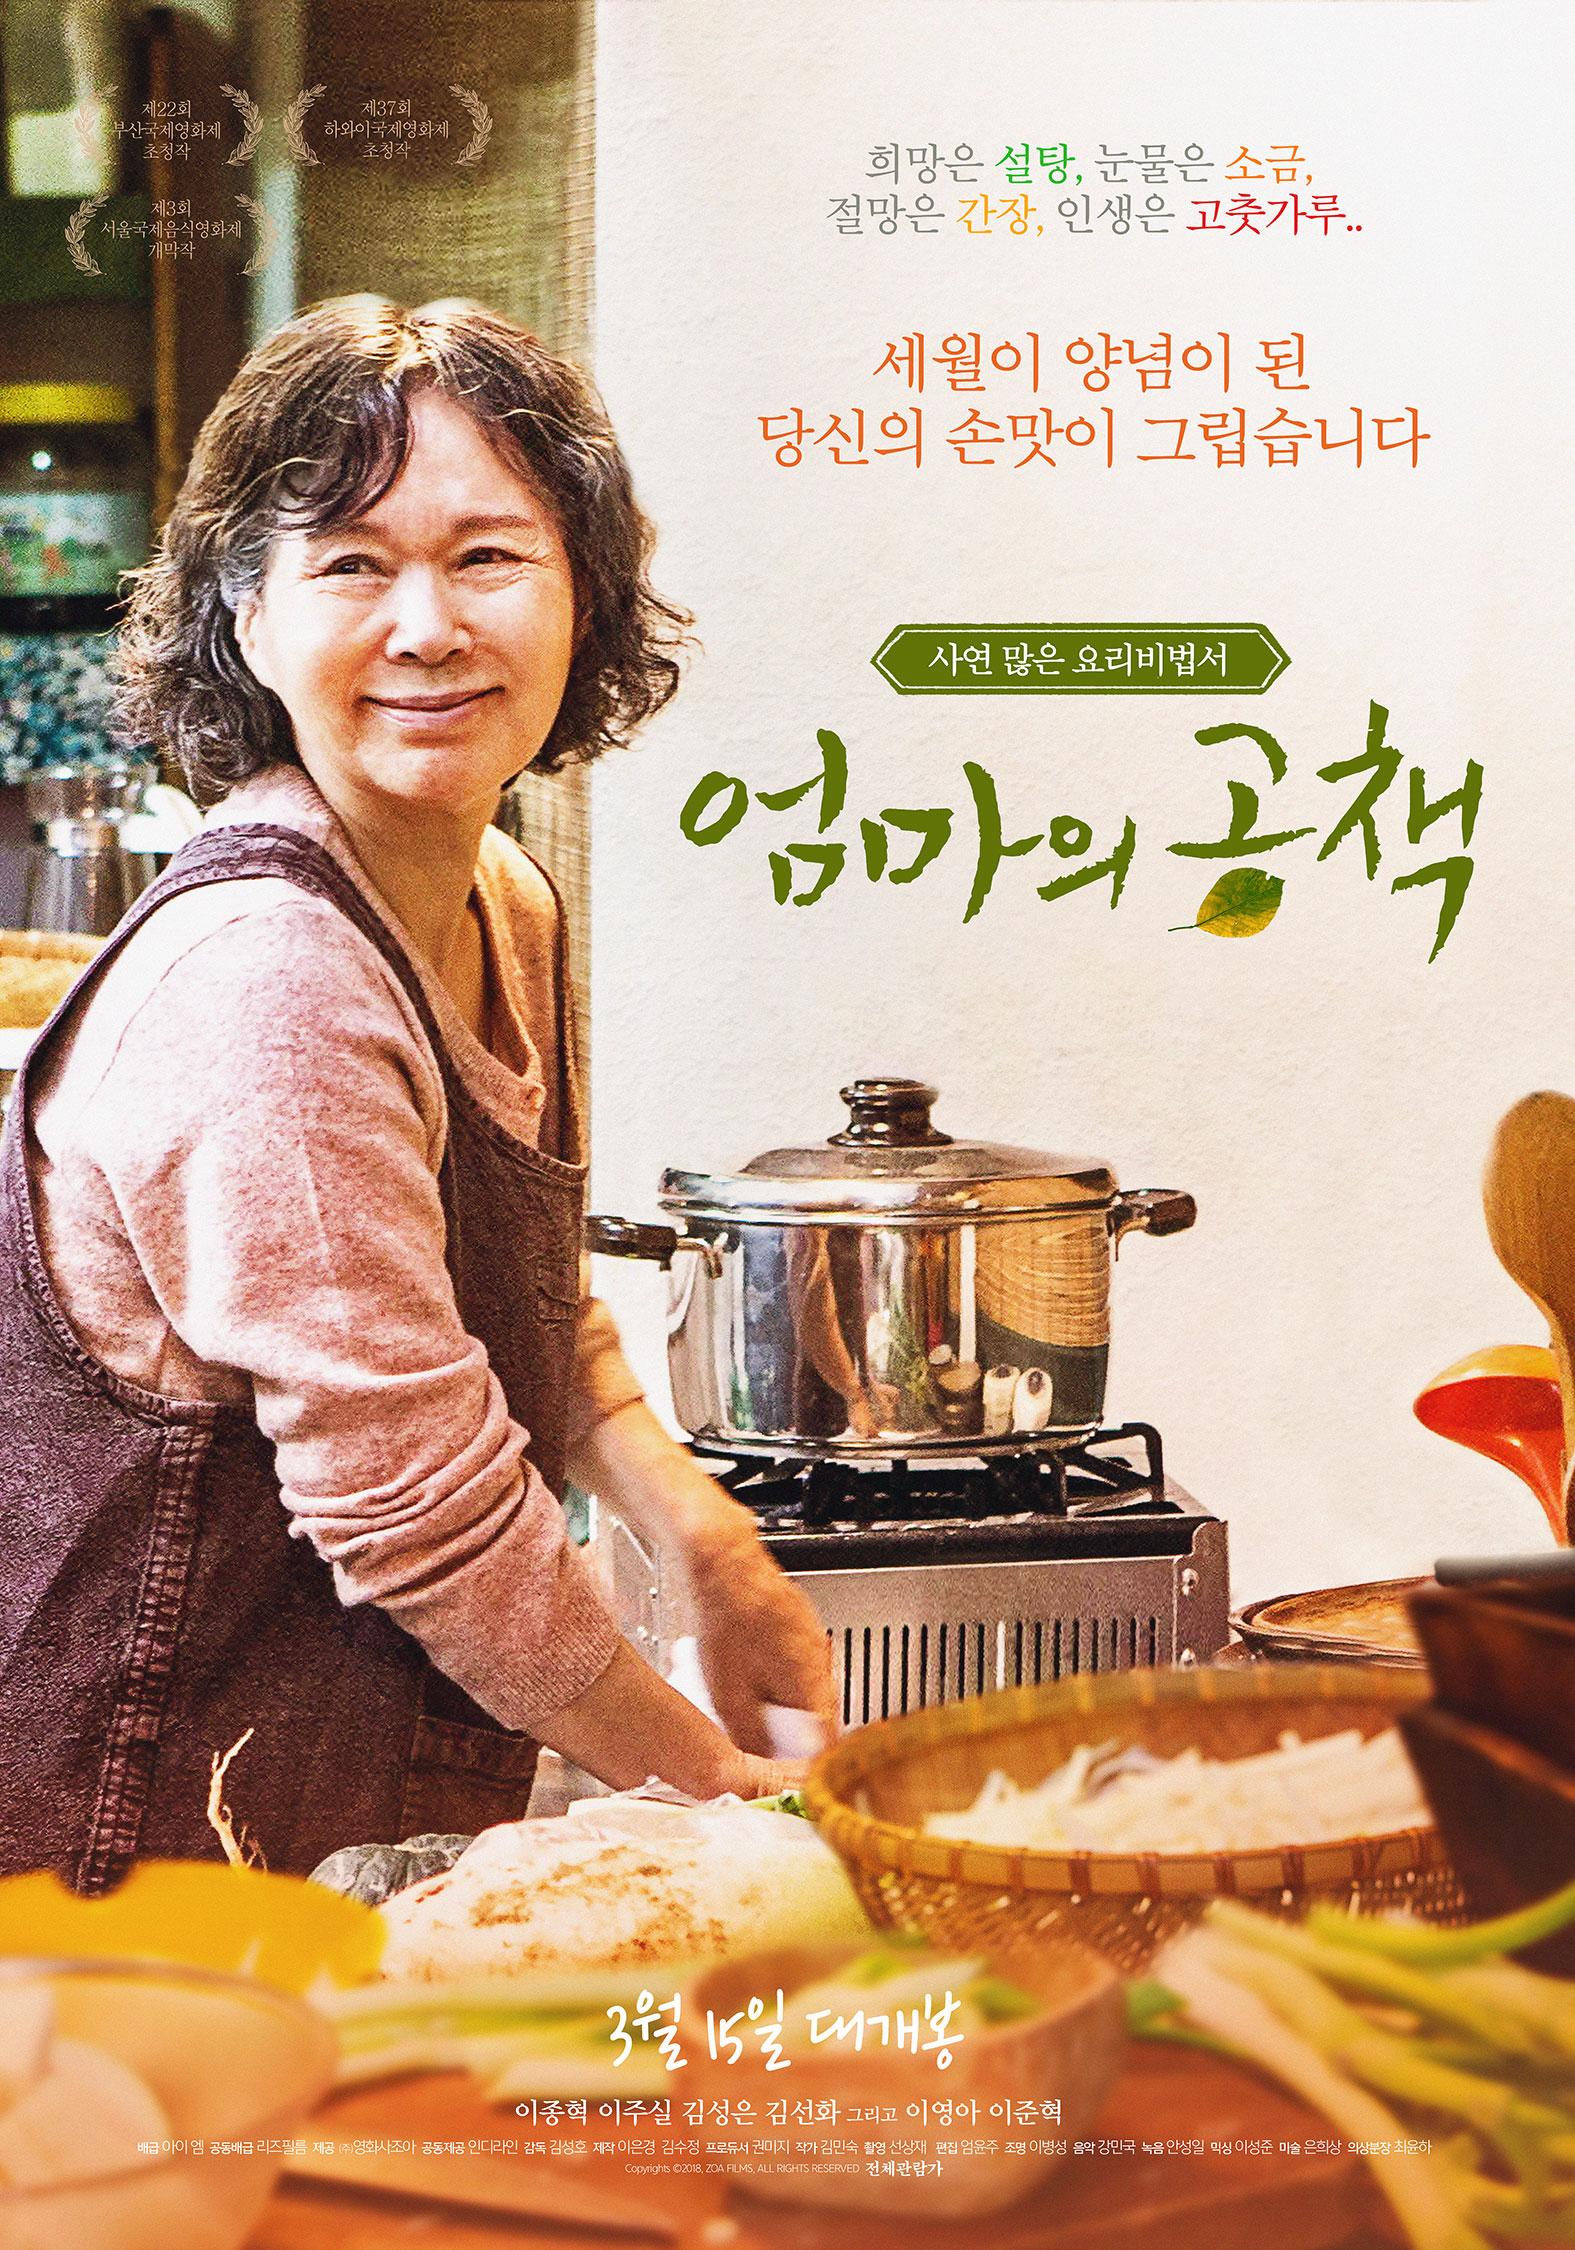 엄마의 공책 포스터.jpg